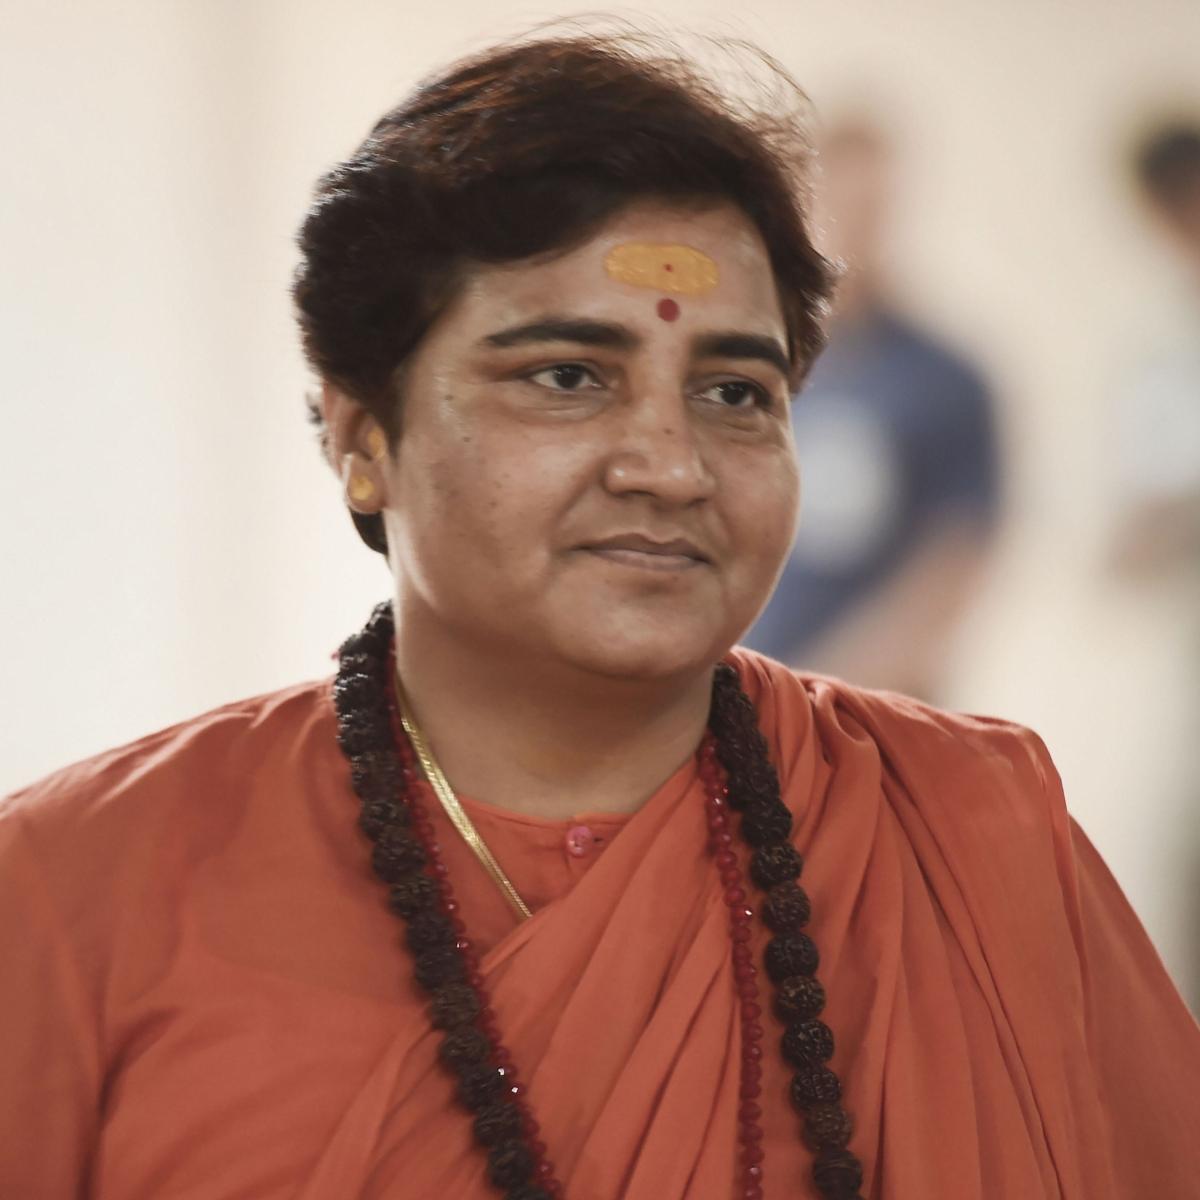 FPJ Edit: End this farce, Sadhvi Pragya and all